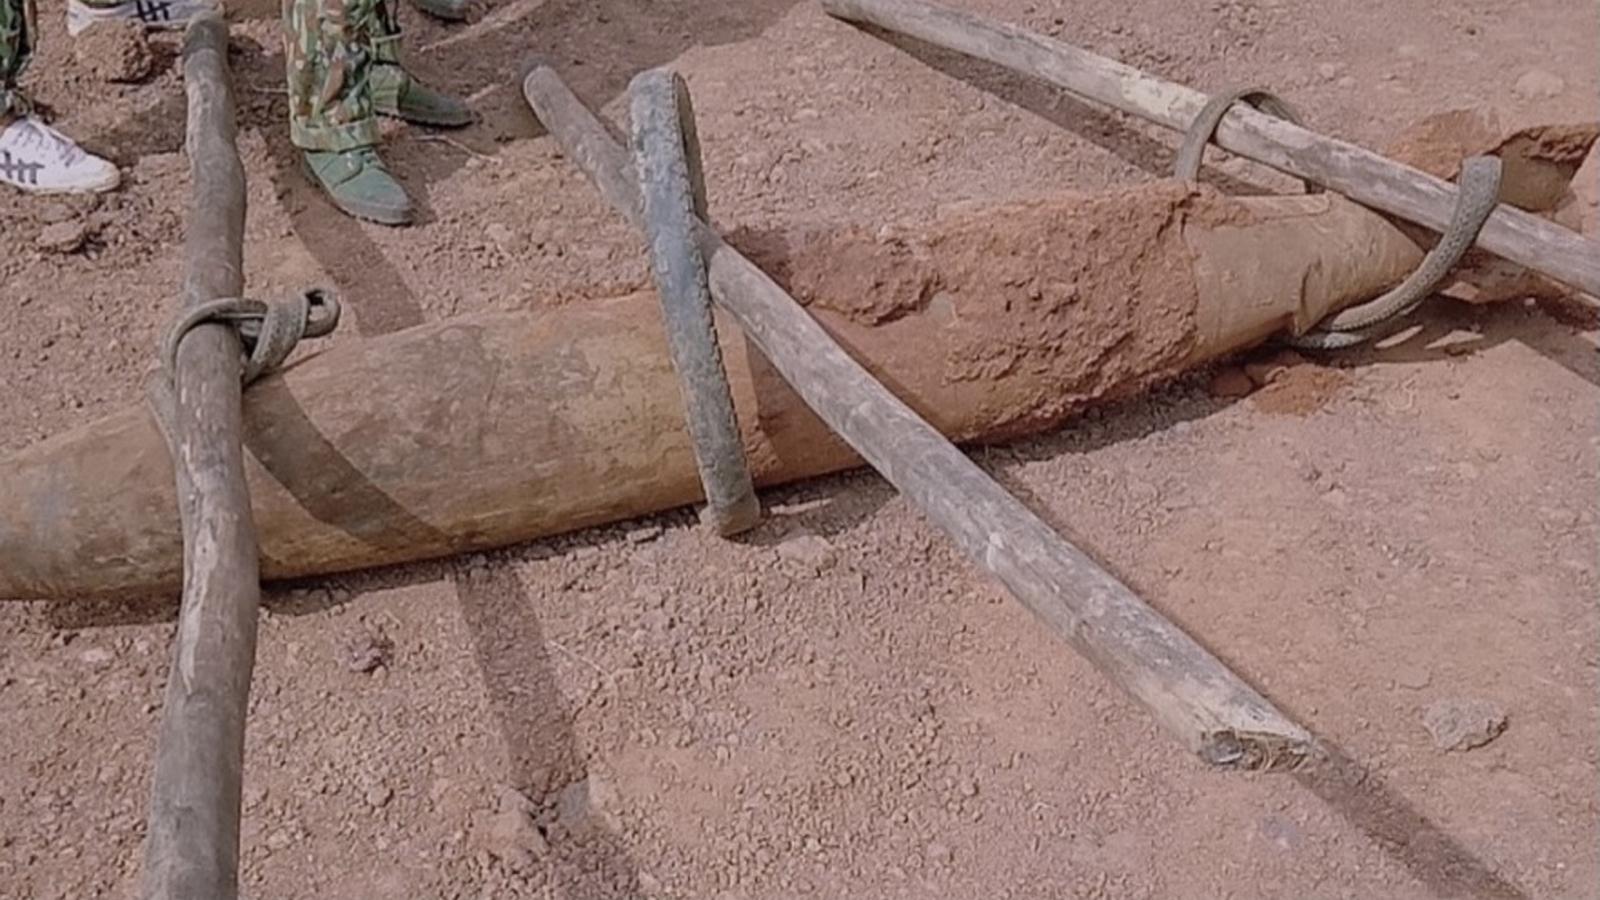 Phát hiện quả bom dài 1,6m còn thuốc nổ tạiBà Rịa - Vũng Tàu